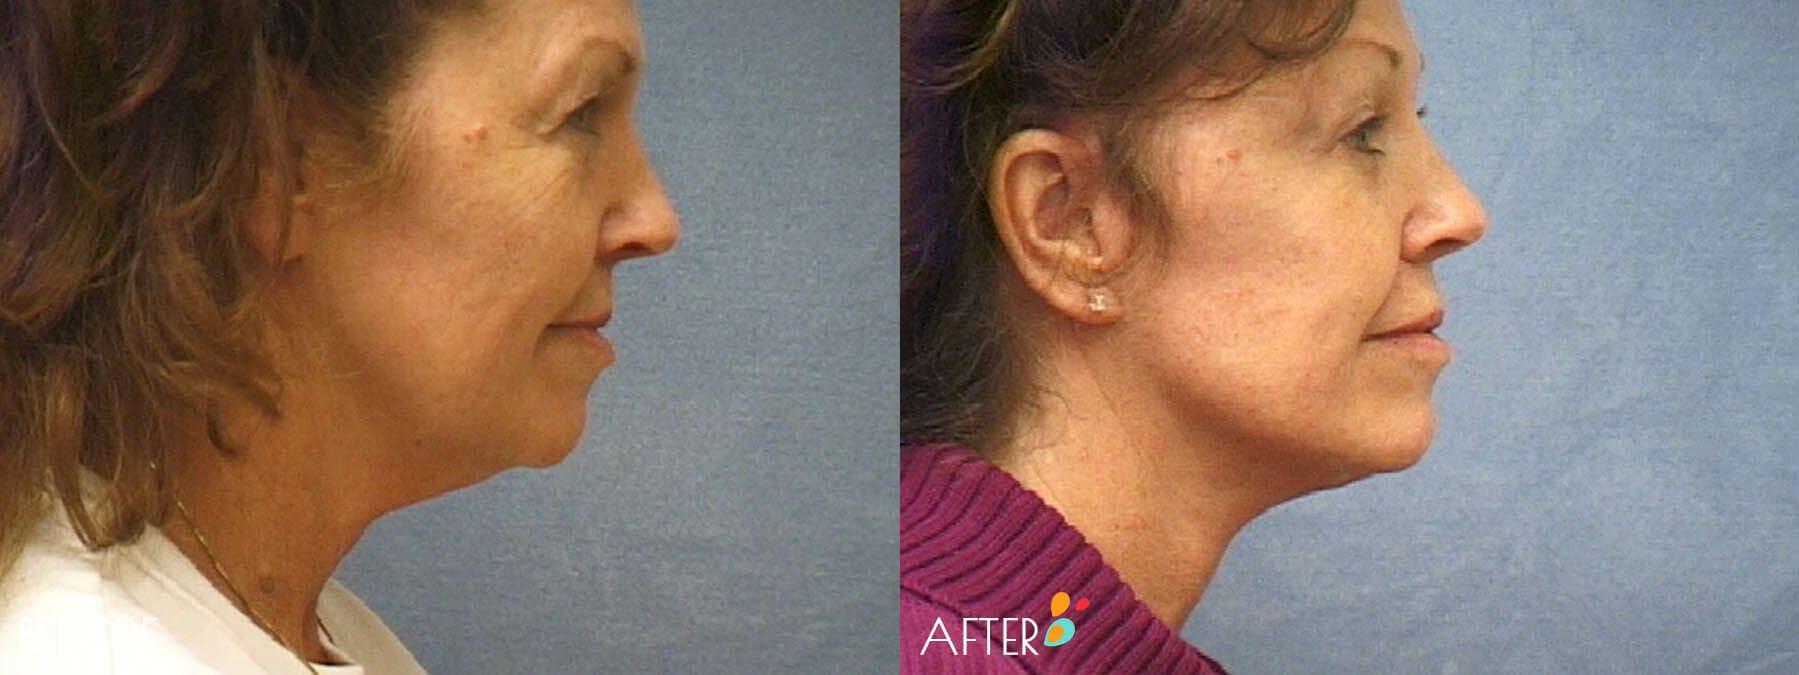 Face Lift Patient 08, Side